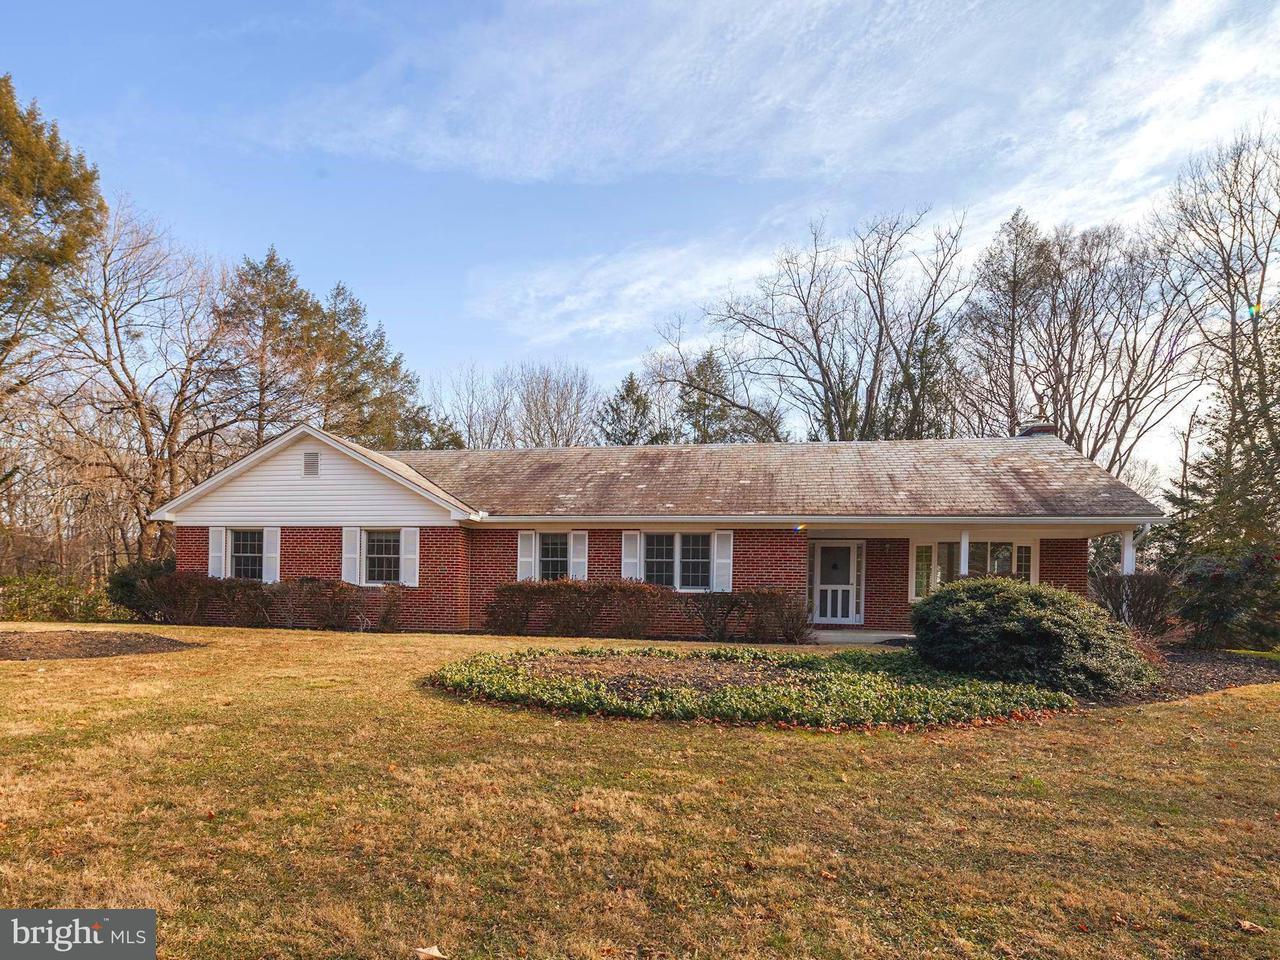 Частный односемейный дом для того Продажа на 11213 OLD CARRIAGE Road 11213 OLD CARRIAGE Road Glen Arm, Мэриленд 21057 Соединенные Штаты